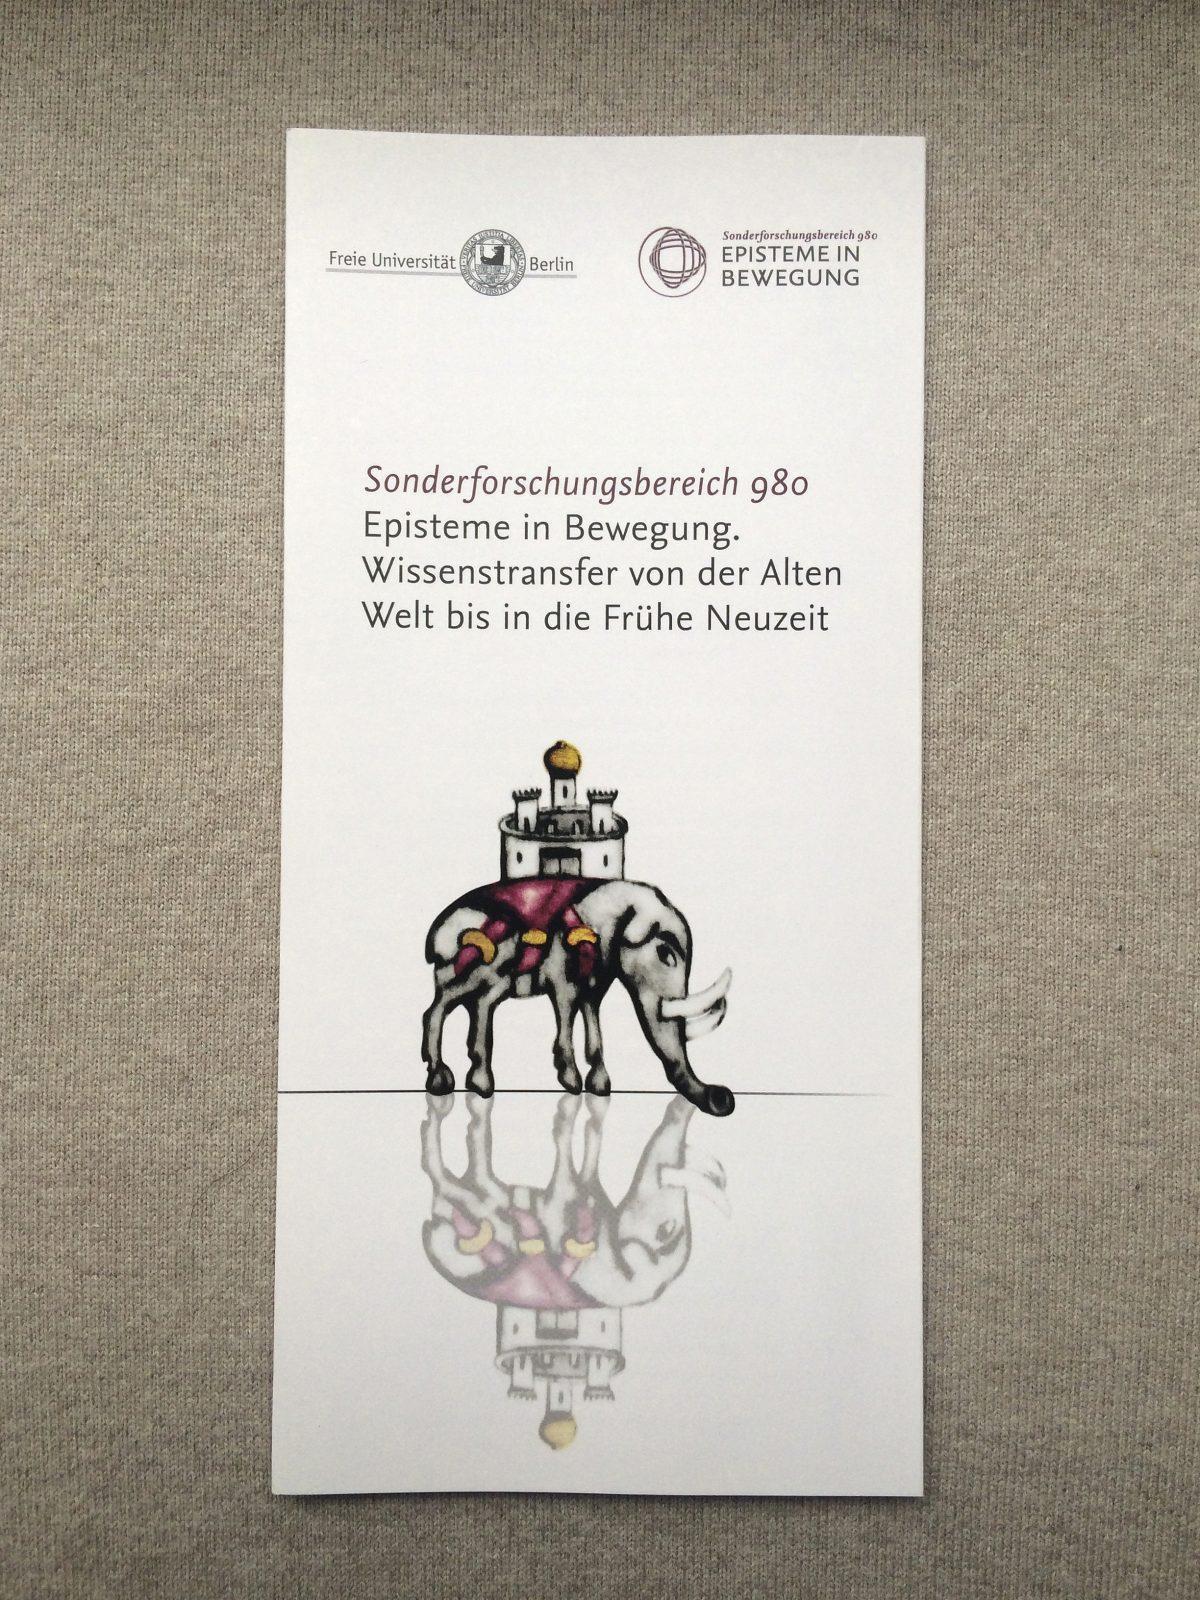 """Ansicht der Vorderseite des neu gestalteten Folders des SFB 980 """"Episteme in Bewegung"""", Freie Universität Berlin"""